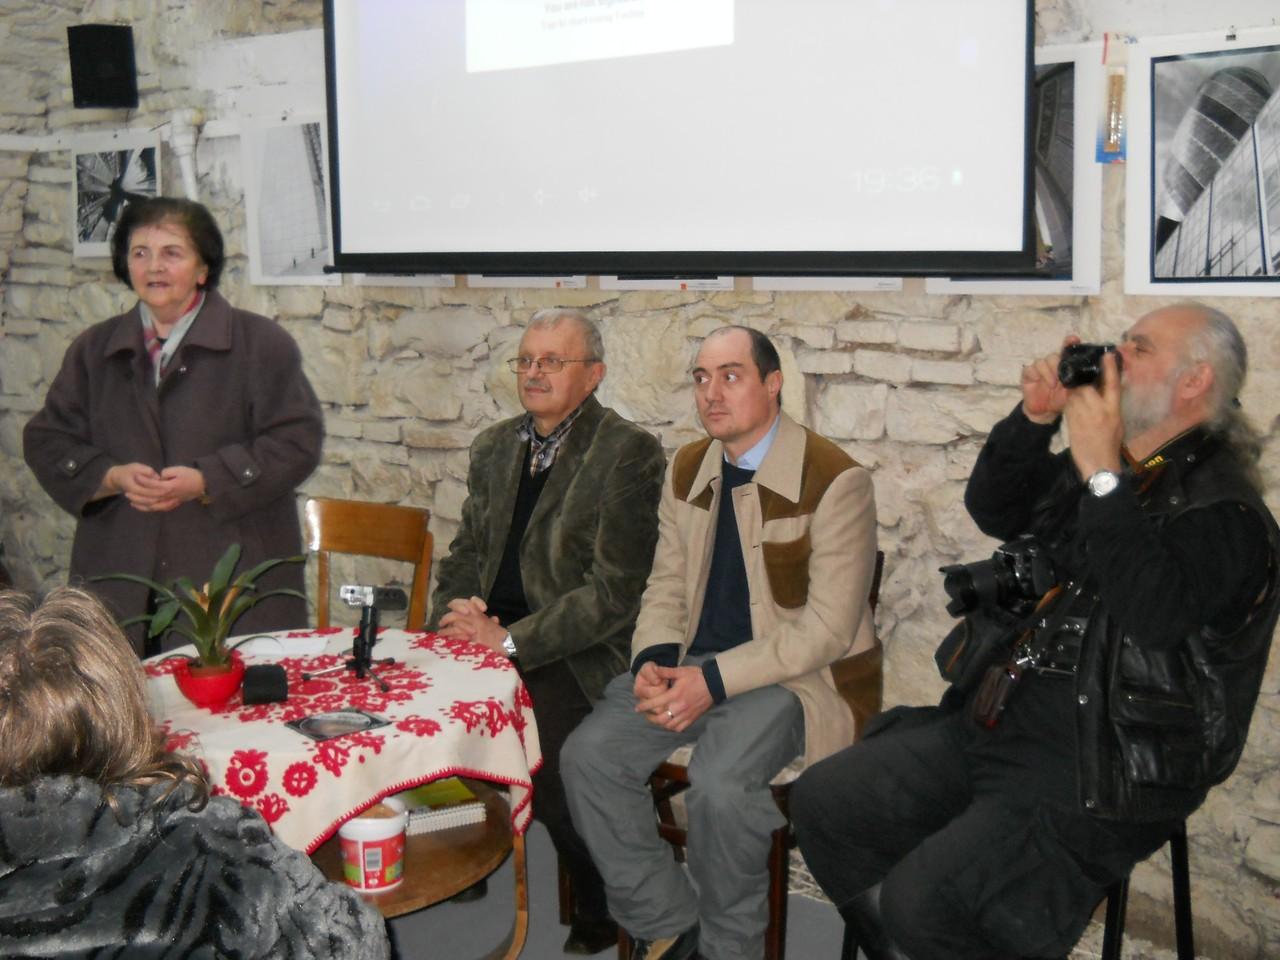 Eléadás Szathmári Pap Károlyról a Kolozsvári STARS Galériában 2013 január 31-én